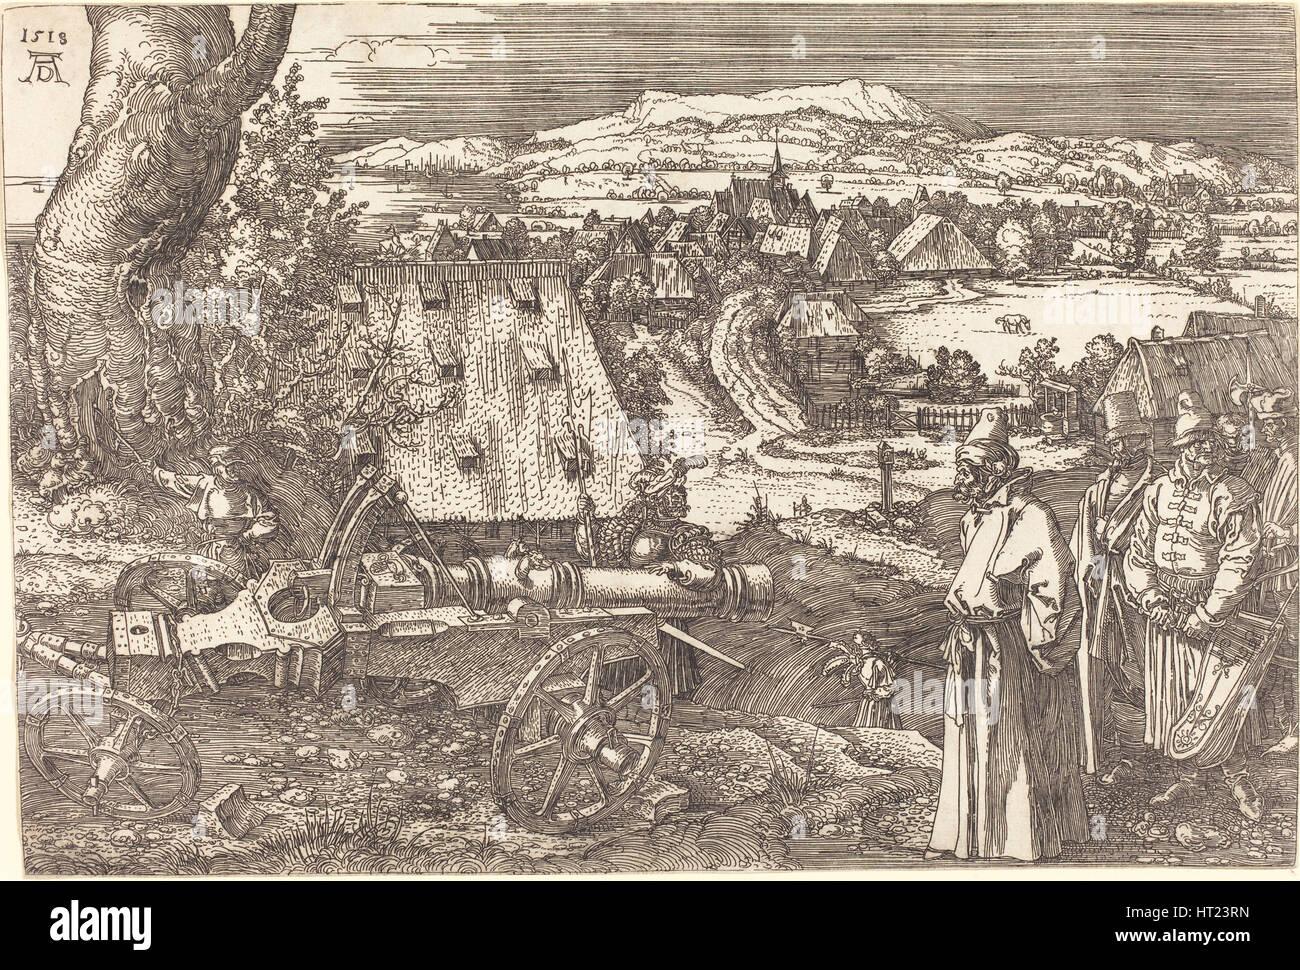 Landschaft mit einer Kanone, 1518. Künstler: Dürer, Albrecht (1471-1528) Stockbild